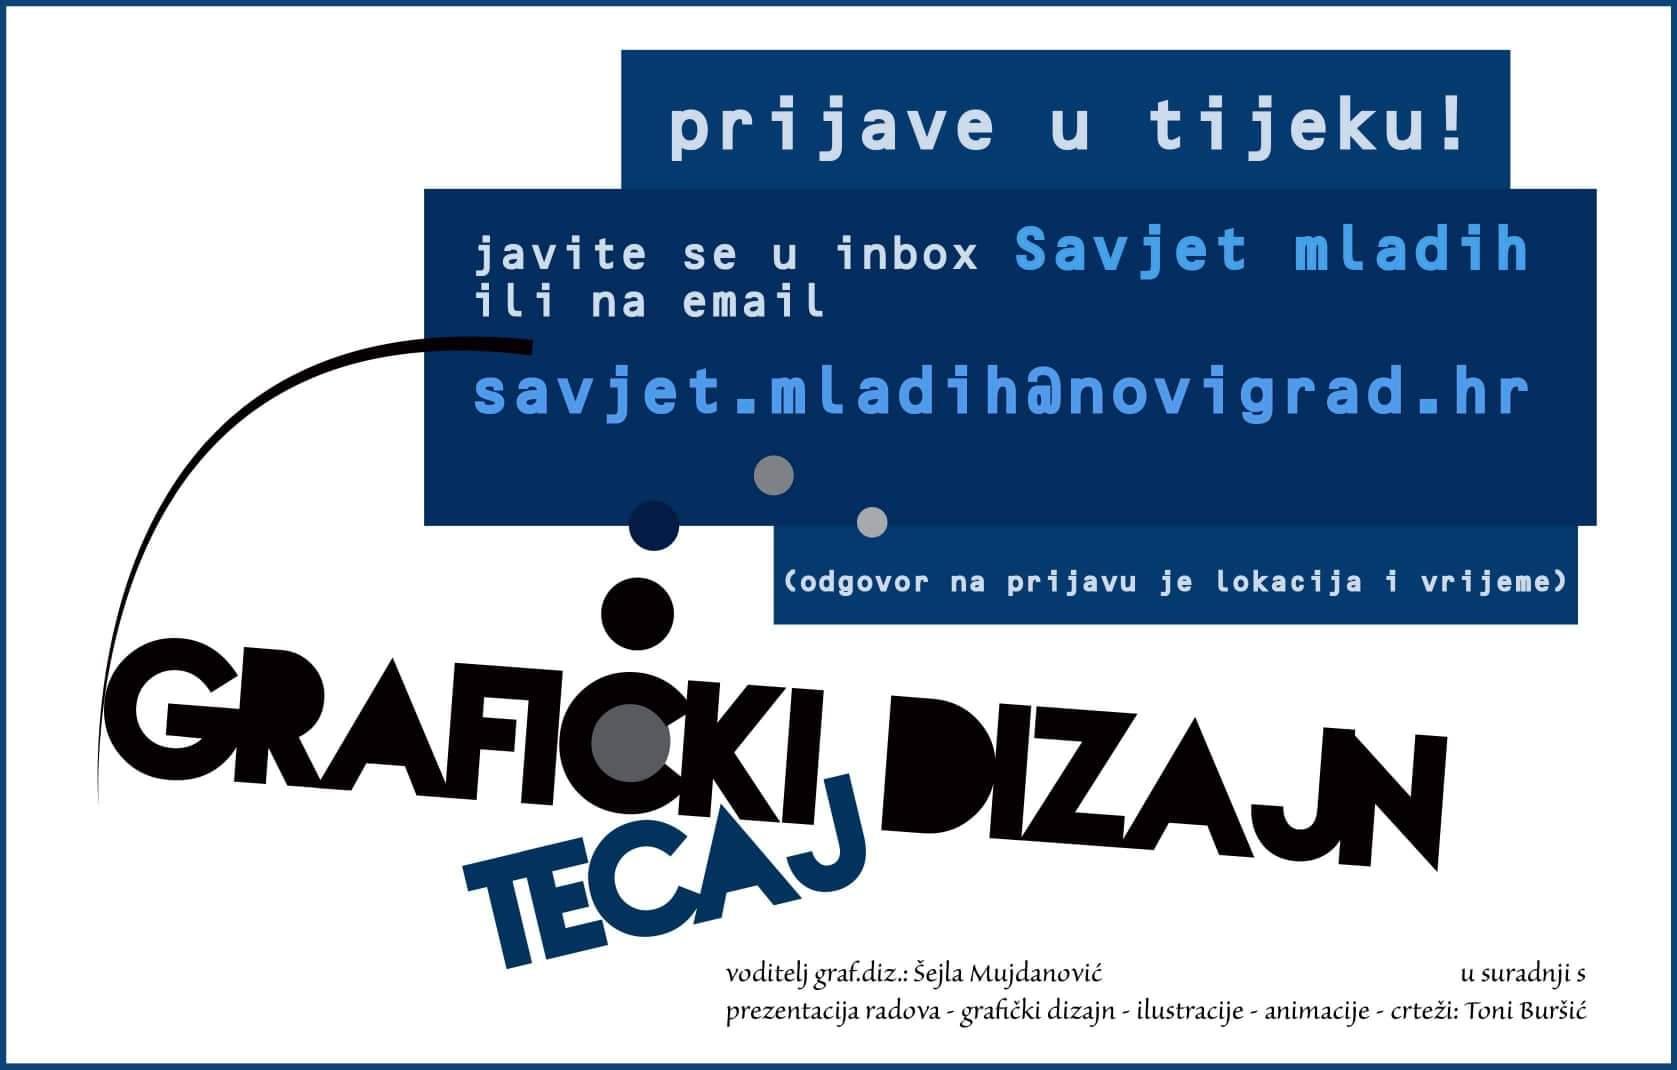 http://www.novigrad.hr/techaj_grafichkog_dizajna_u_organizaciji_savjeta_mladih